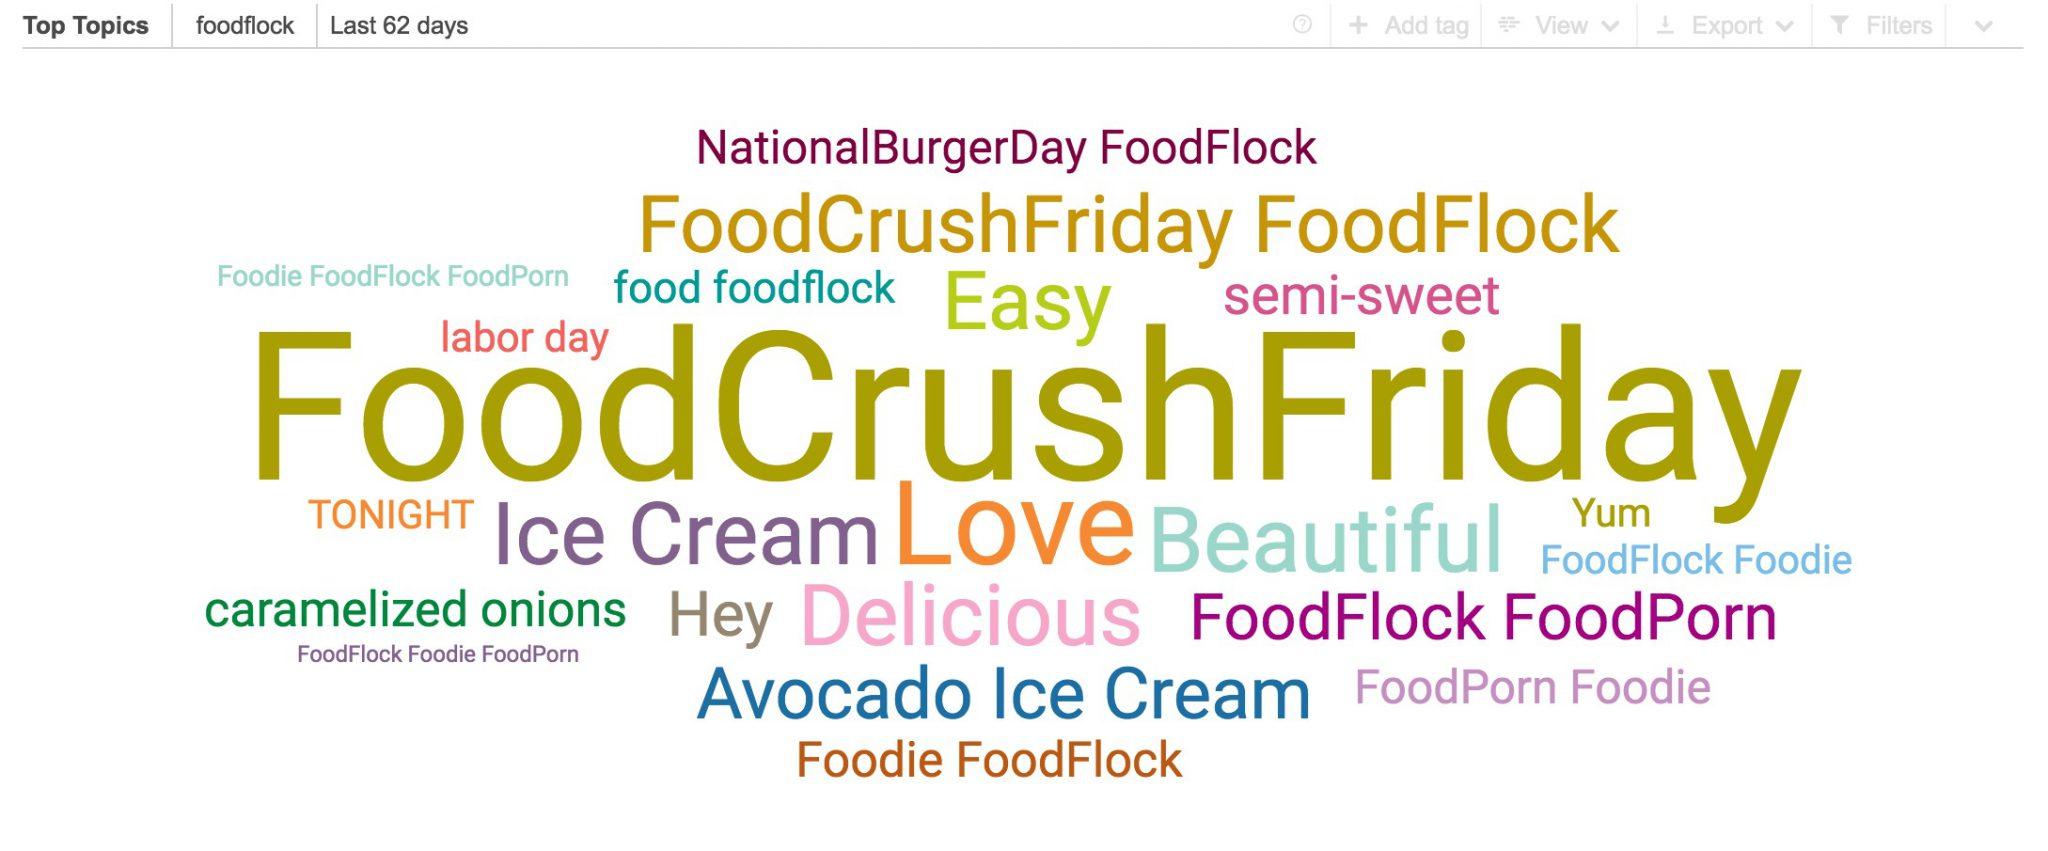 Entre los topics de twitter destaca especialmente el hash #FoodCrushFriday.